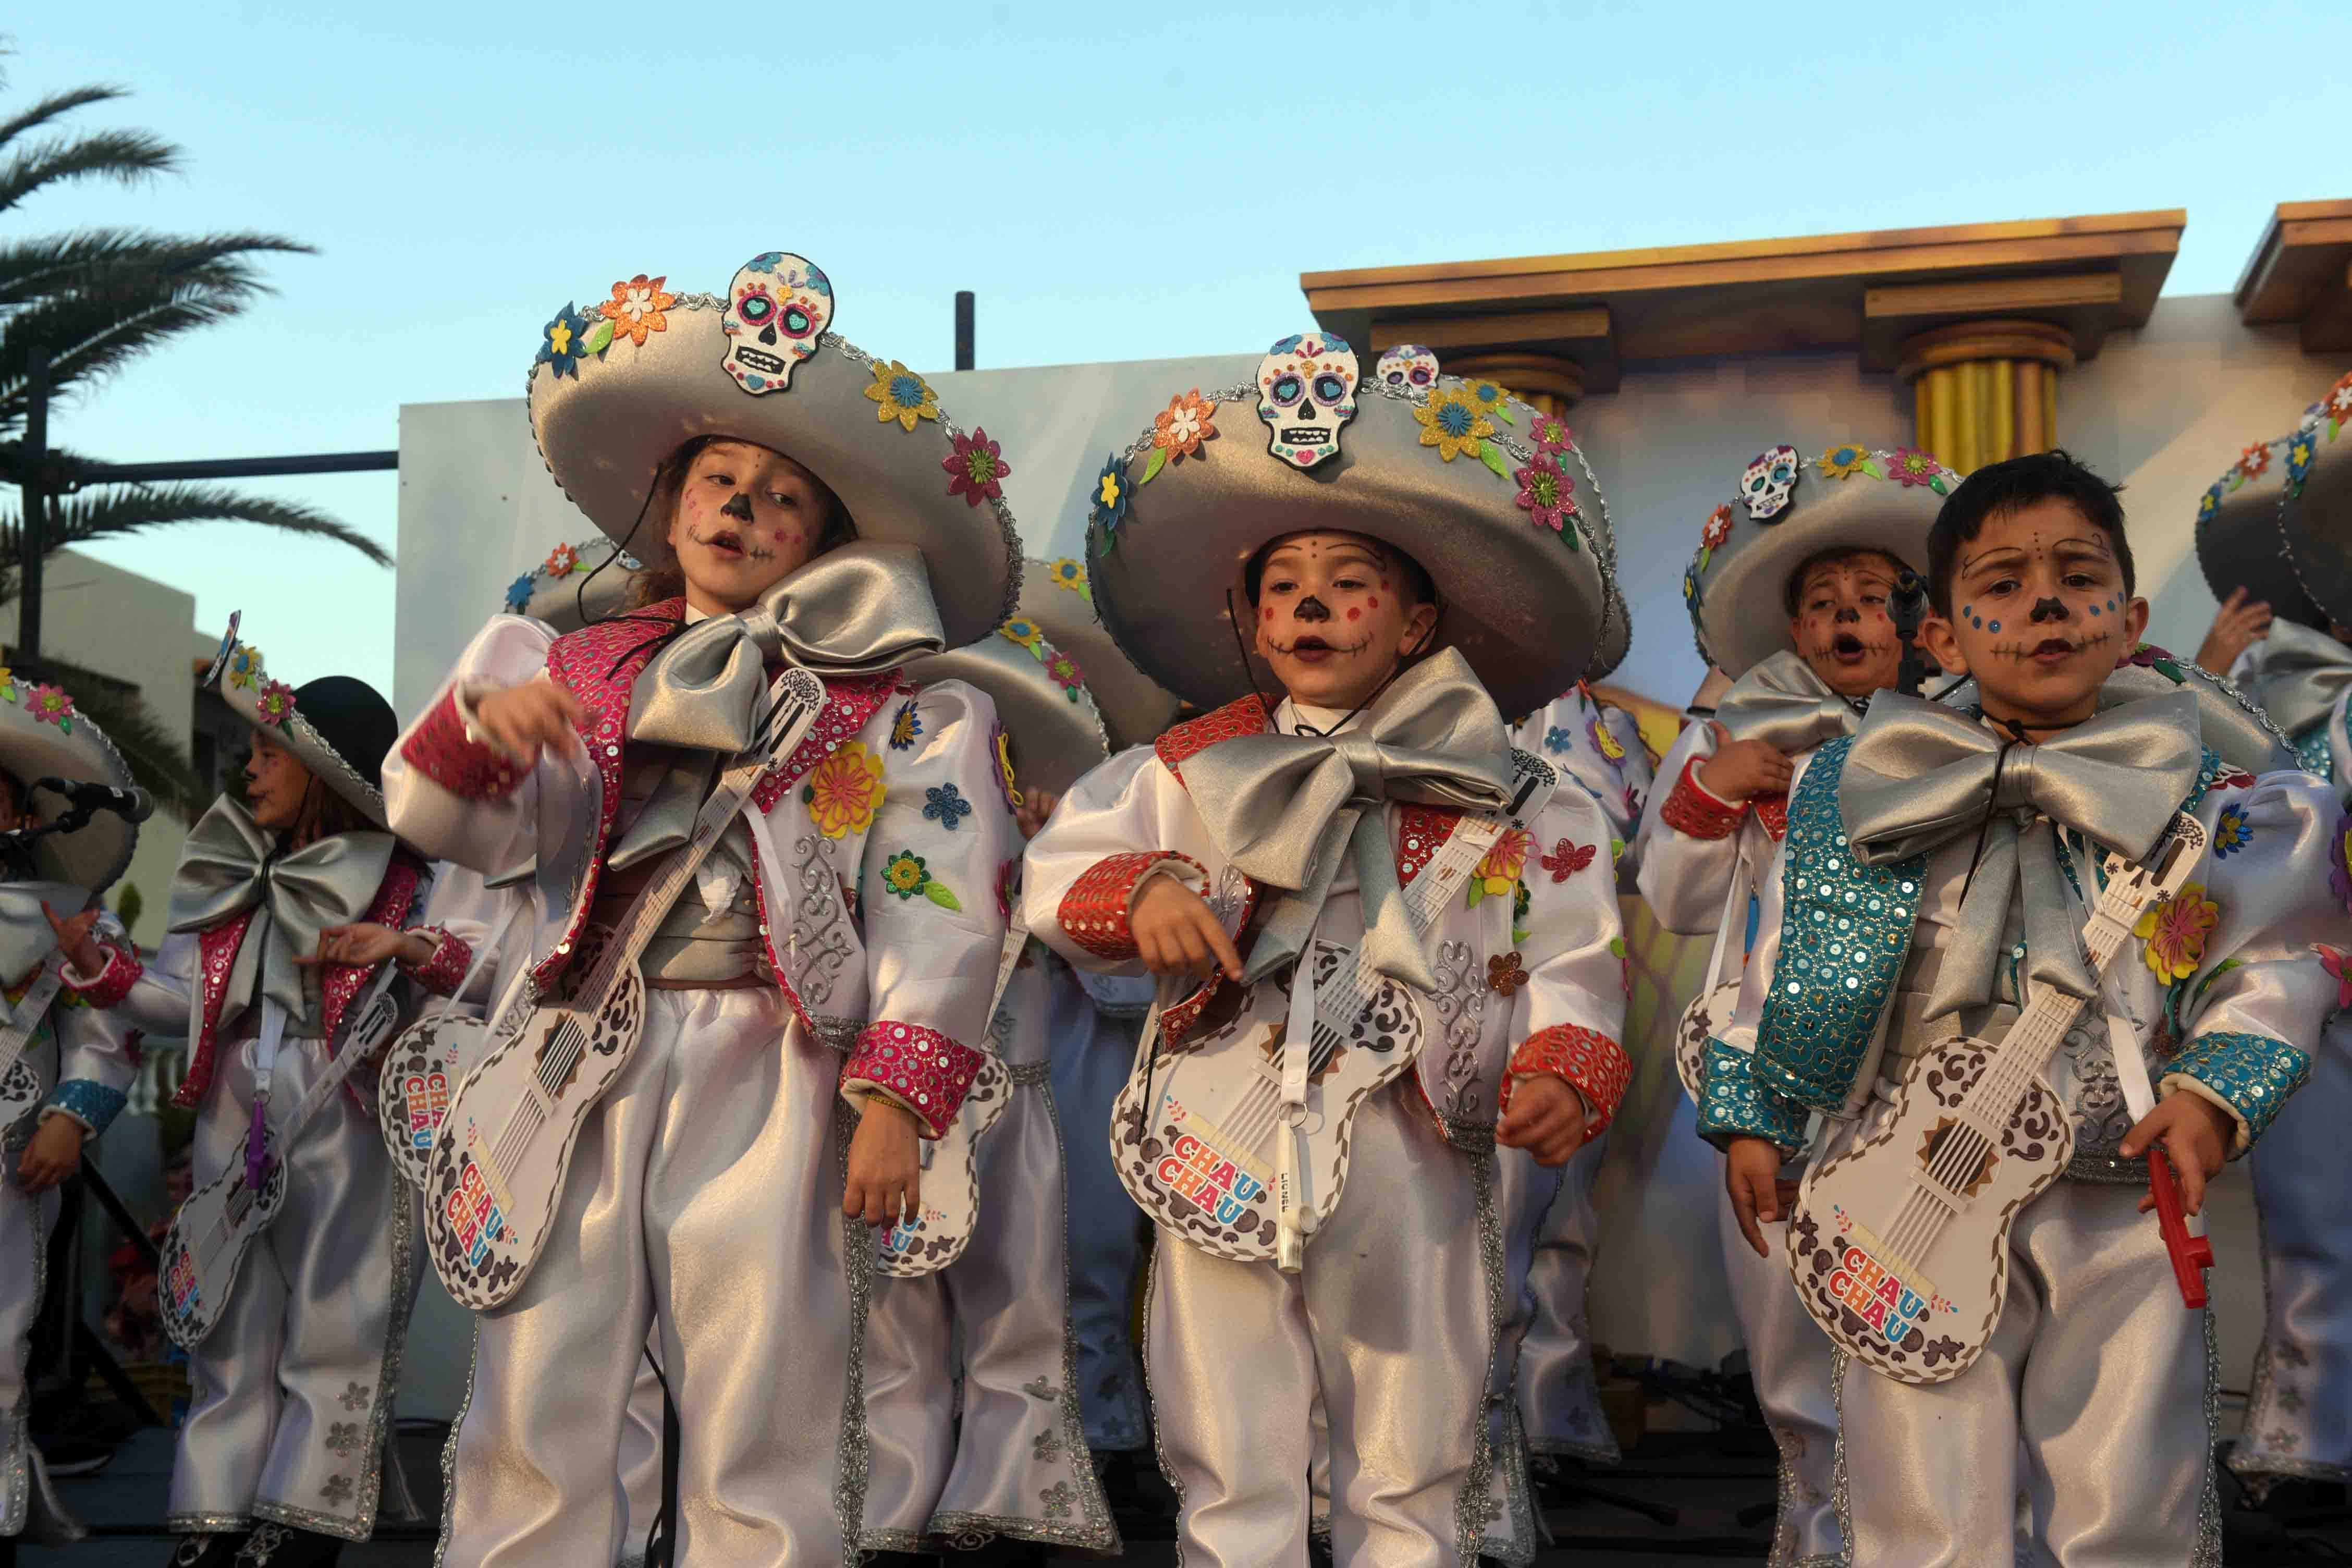 Pasacalles, quema del Guachinango, actuaciones de murgas infantiles y baile de máscaras pusieron el broche final al Carnaval de San Bartolomé en la localidad de Playa Honda